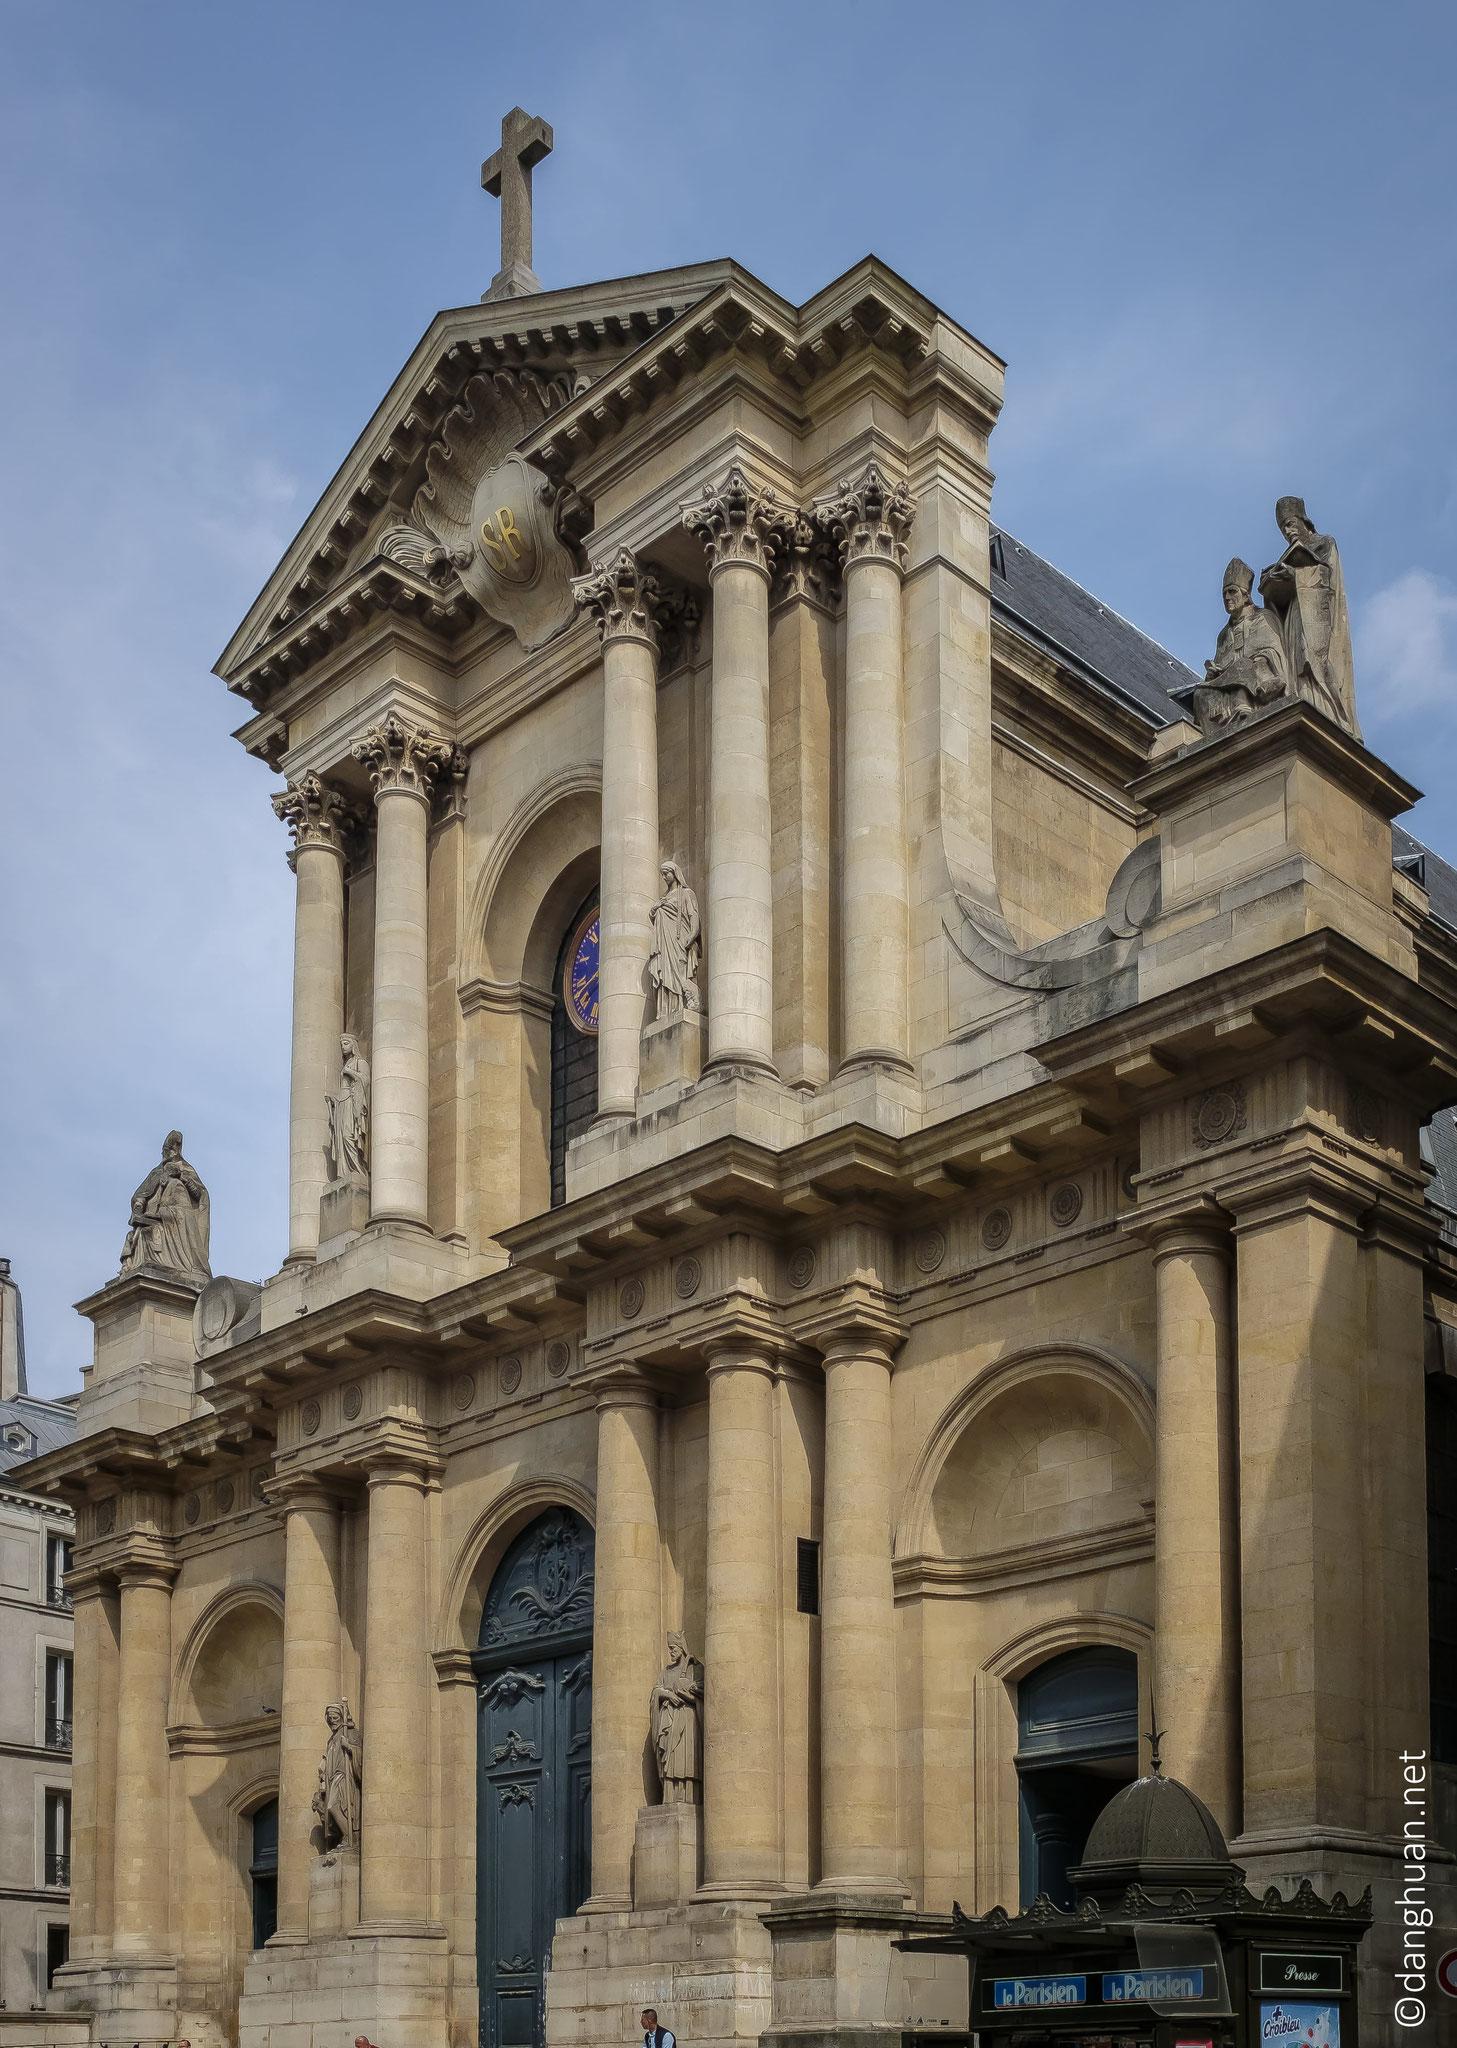 Paroisse St Roch - Paroisse d'un quartier aujourd'hui dépeuplé, mais qui fut habité du XVIIe siècle au XIXe siècle par une société riche et élégante ...